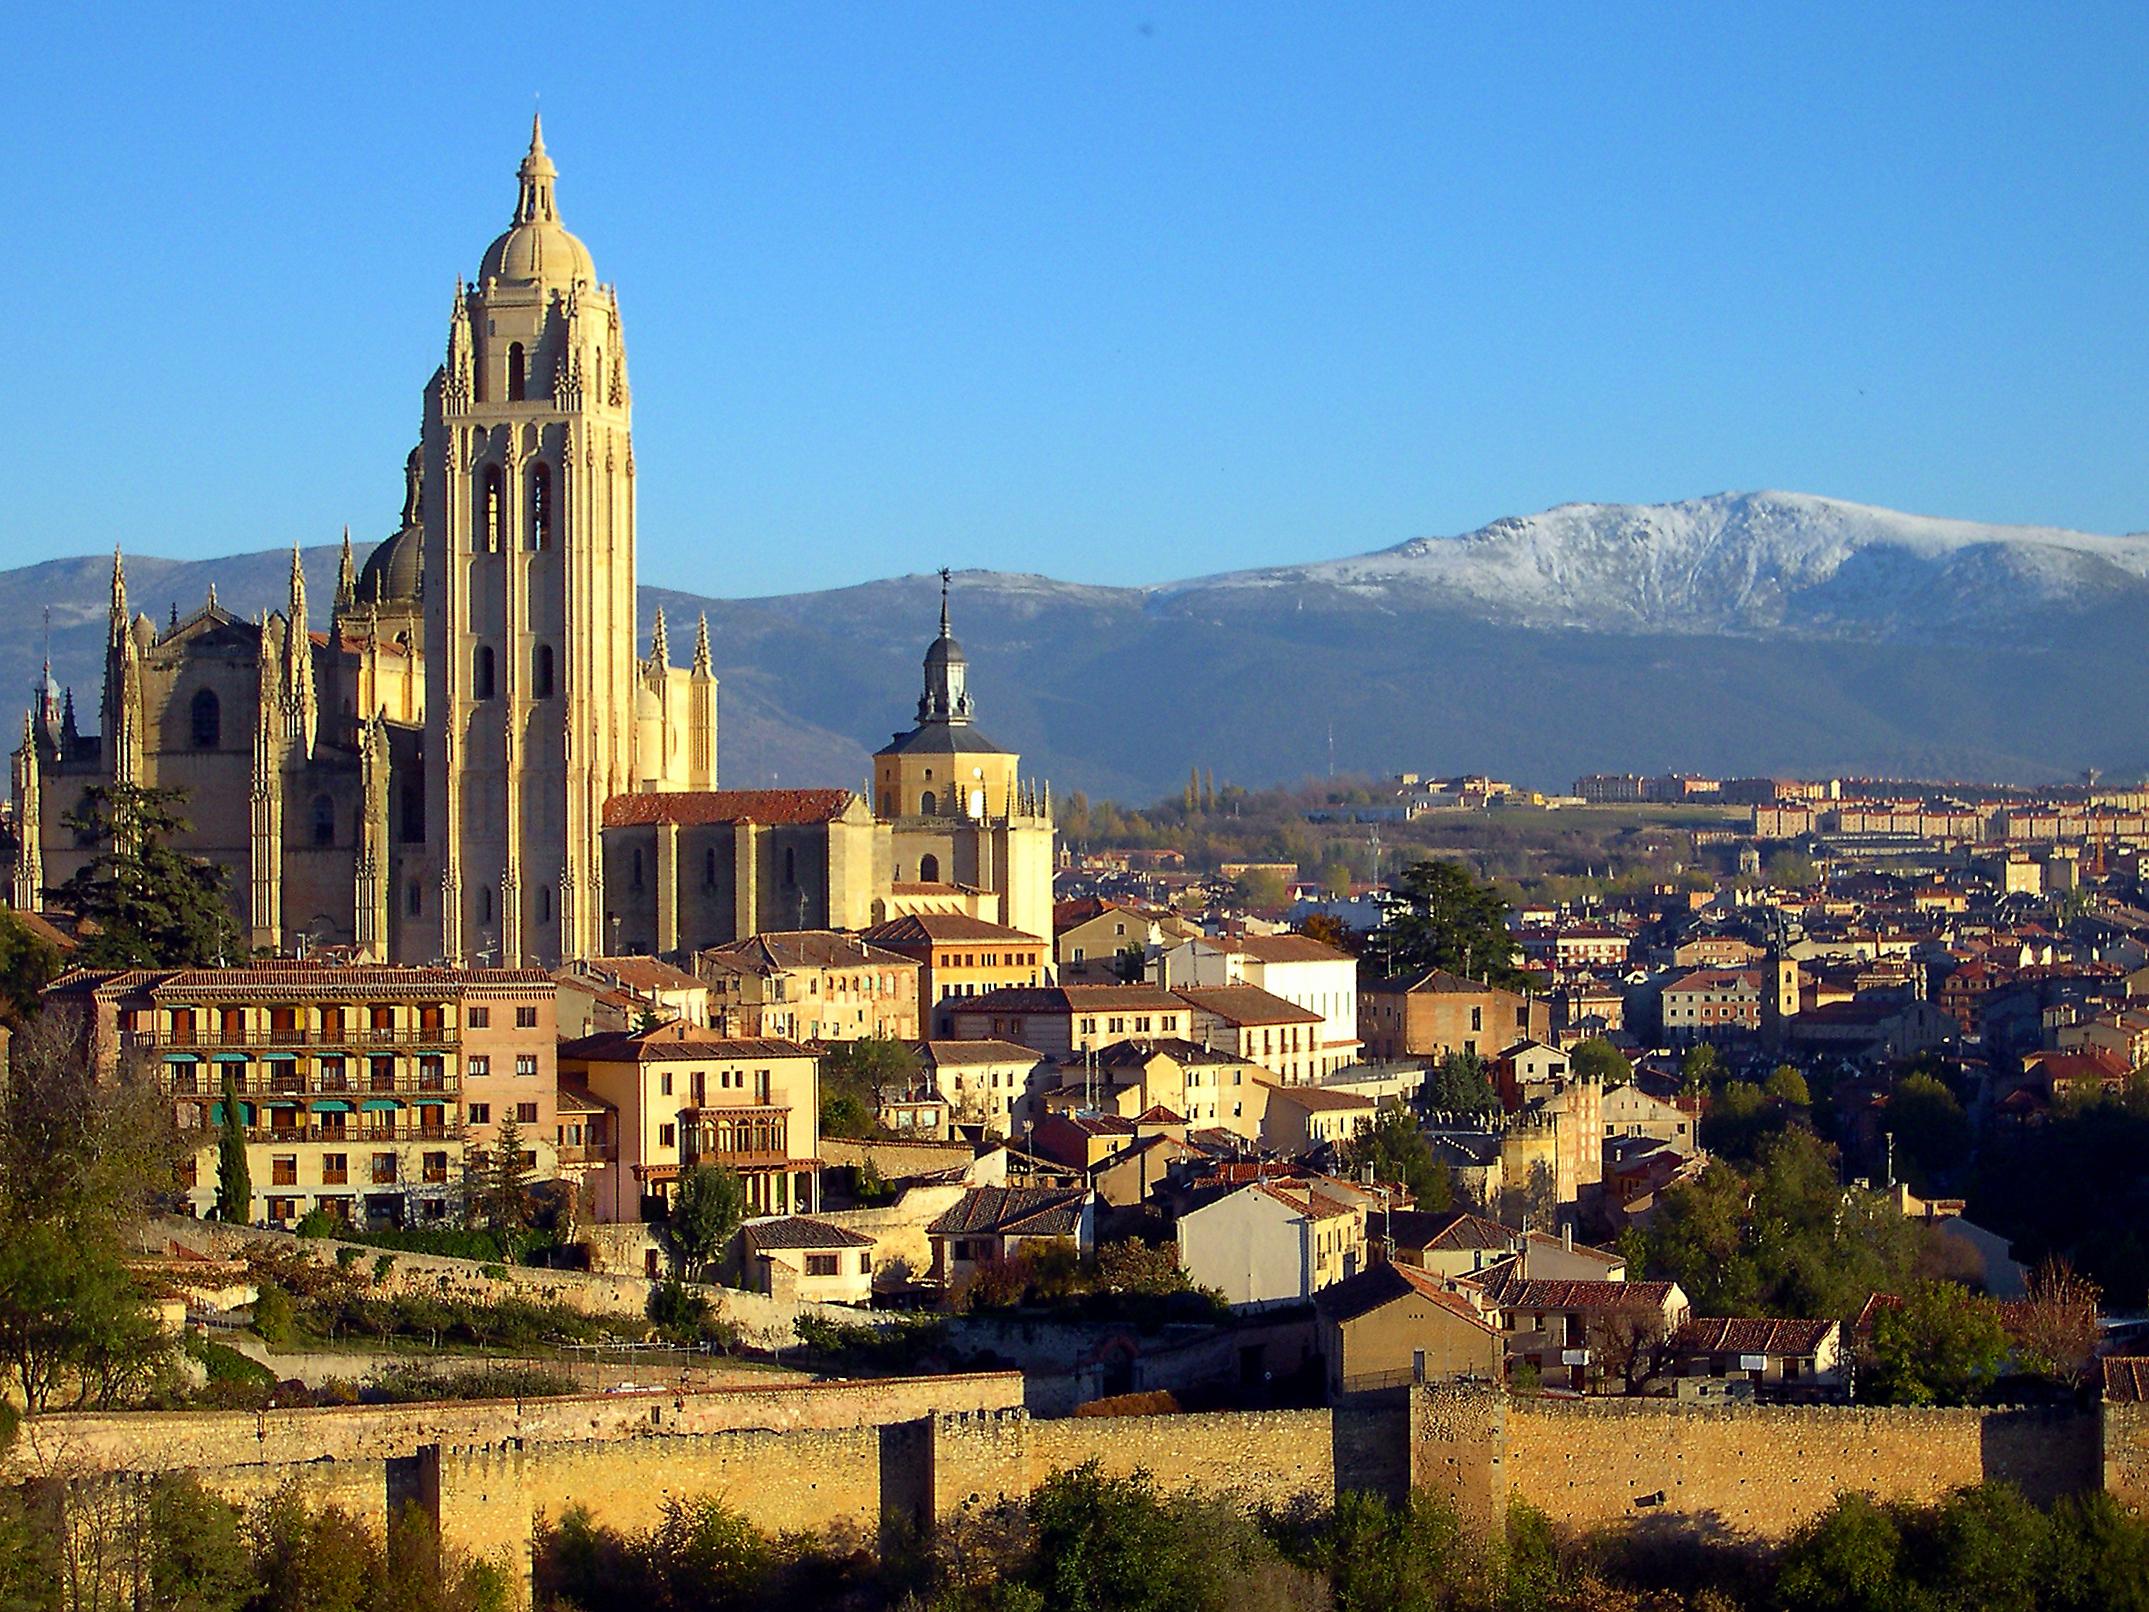 File:Catedral de Segovia02.jpg - Wikipedia